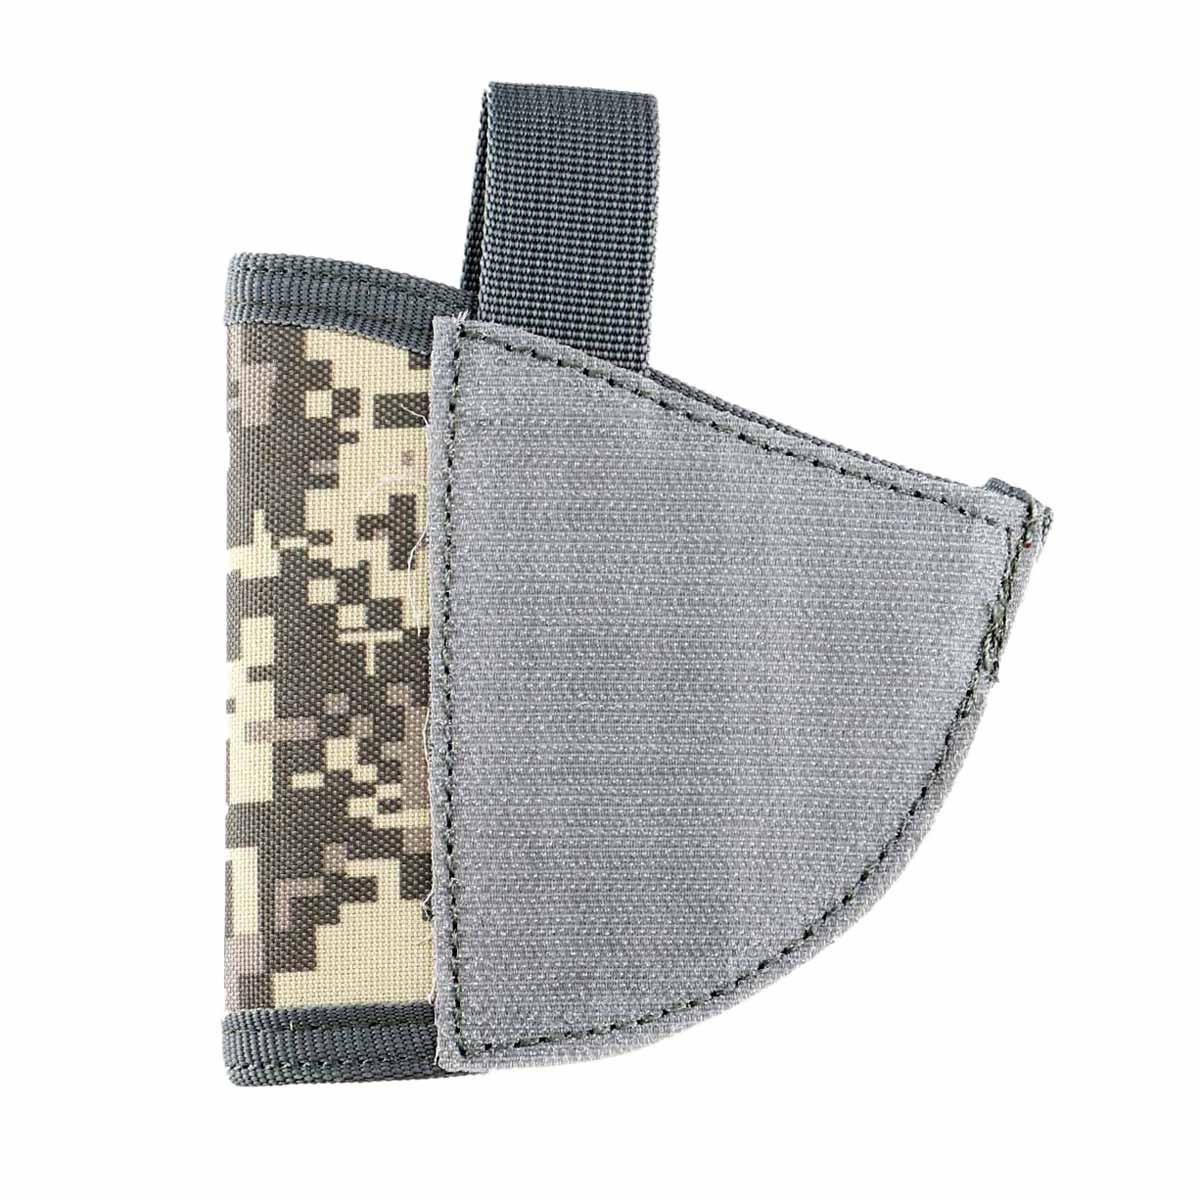 PortableAirsoft Pistol Gun Holster Nylon Open Top Style Inside Pant Holster